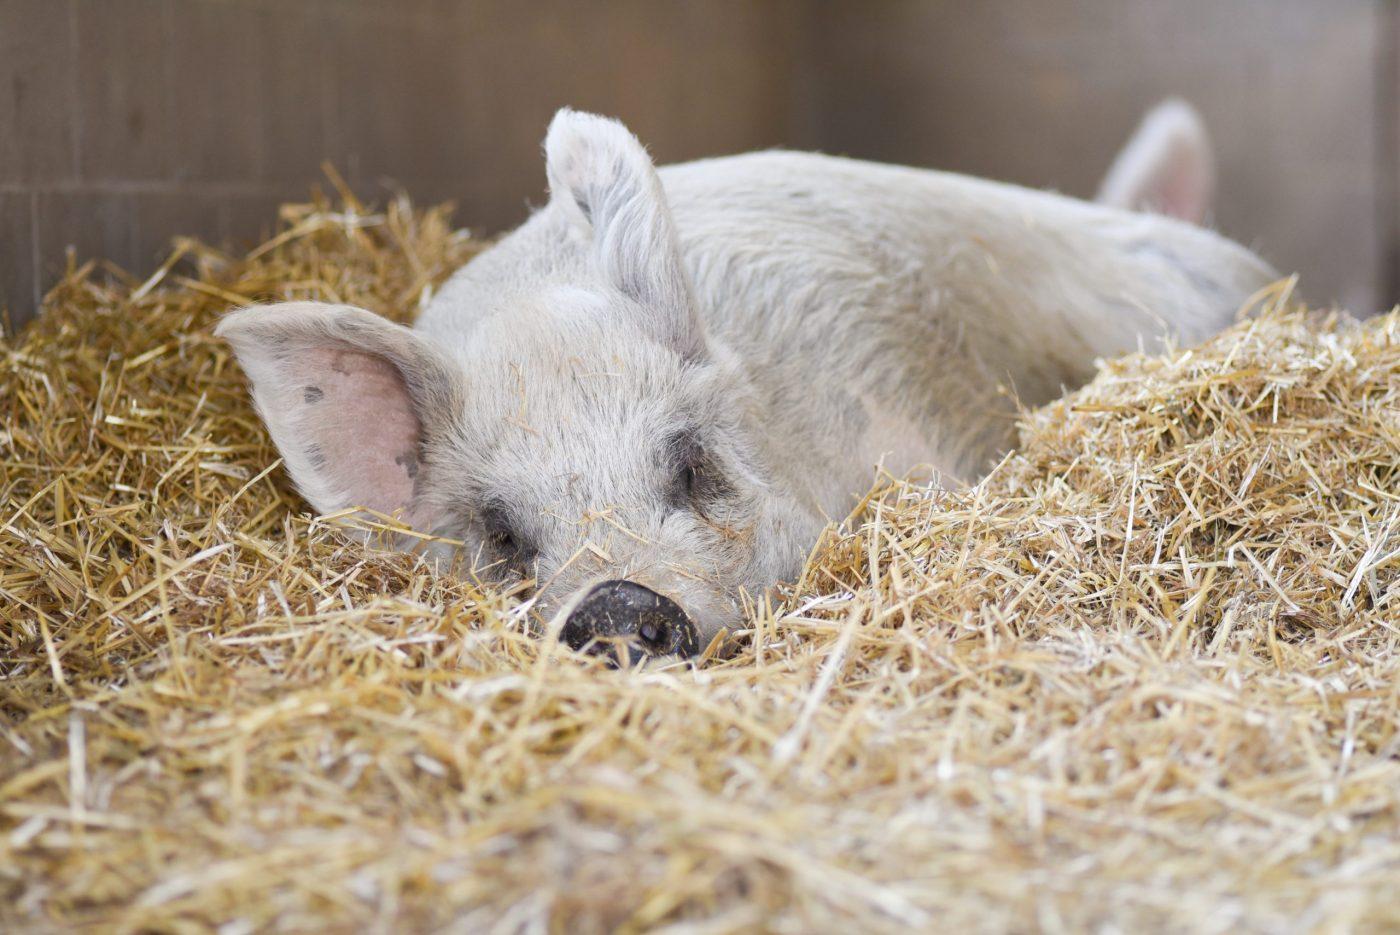 Maggie pig at Farm Sanctuary